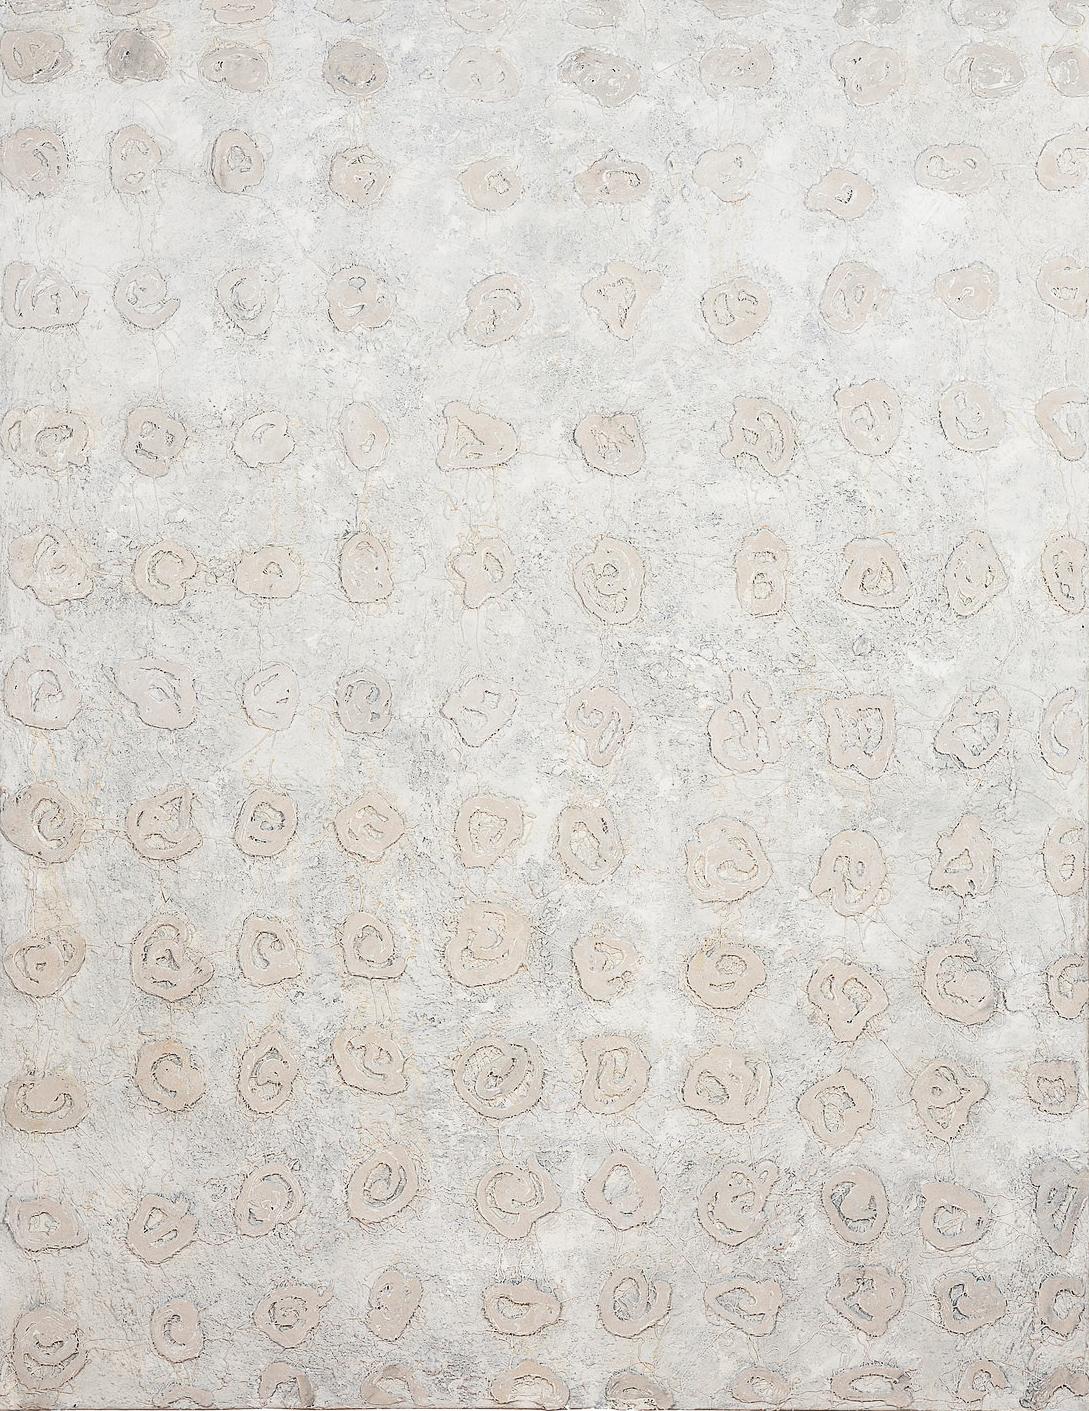 O. T., 2009, Mischtechnik auf Leinwand, 180 x 140 cm